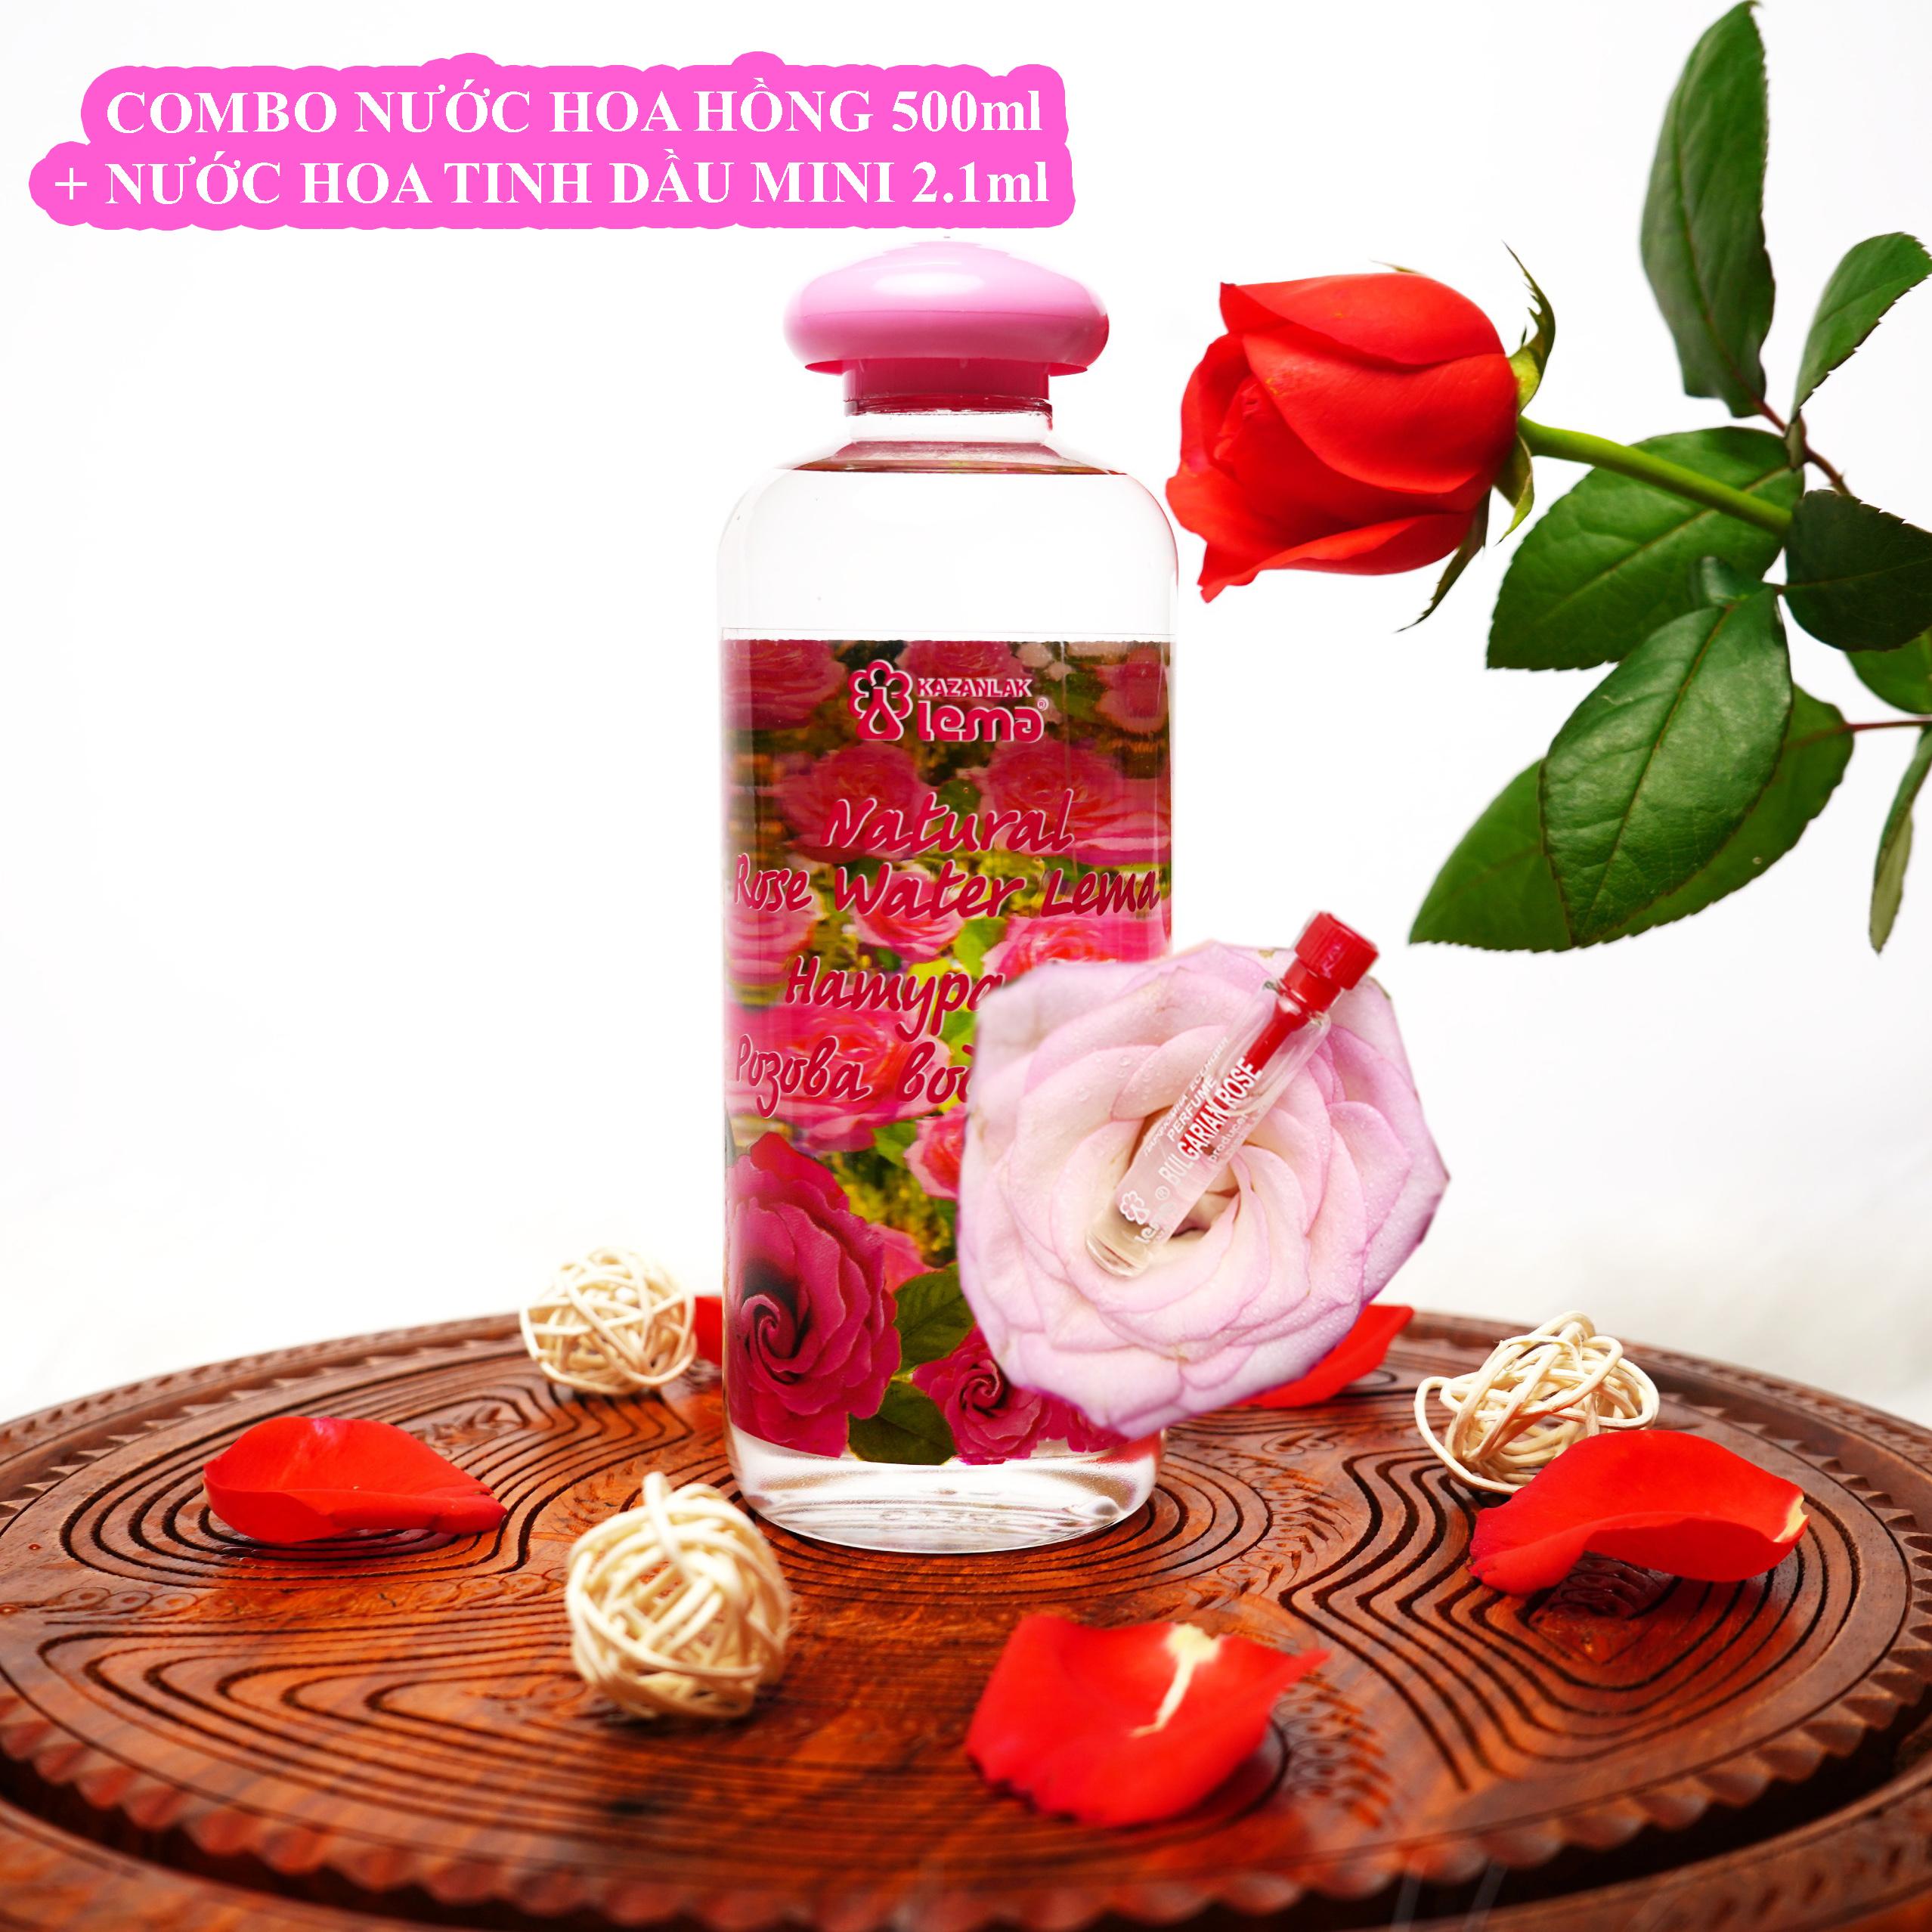 COMBO CẶP ĐÔI Nước hoa hồng Bulgaria thương hiệu Lema 500ml và nước hoa tinh dầu hoa hồng 2.1ml